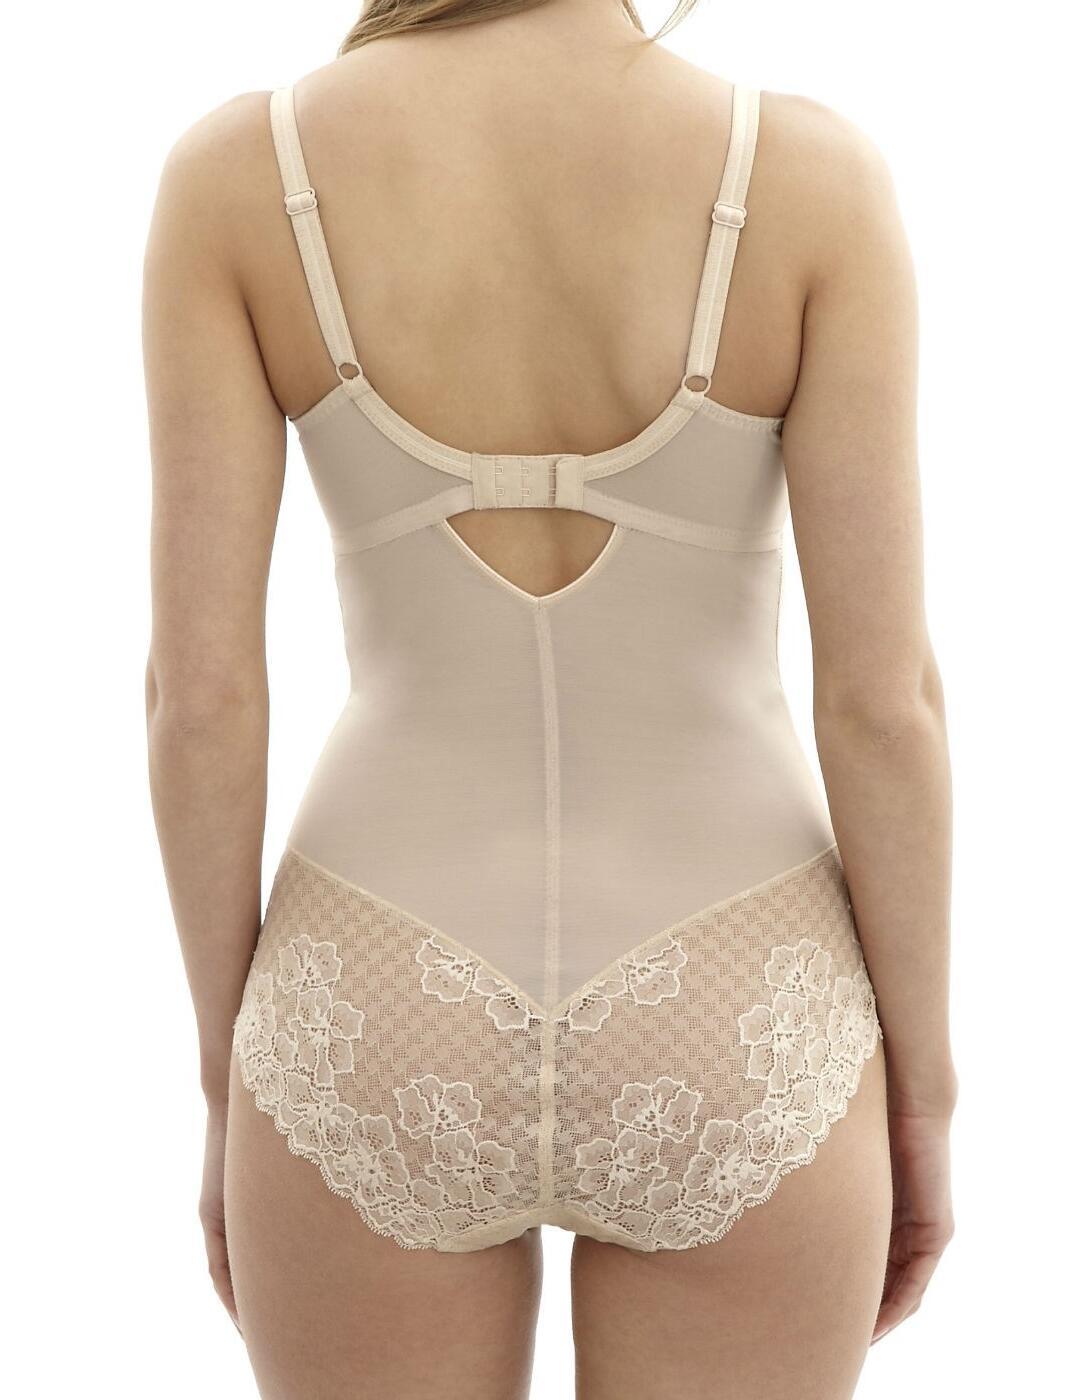 Panache Envy Body 7288 armatures non rembourré Shaping body femme lingerie